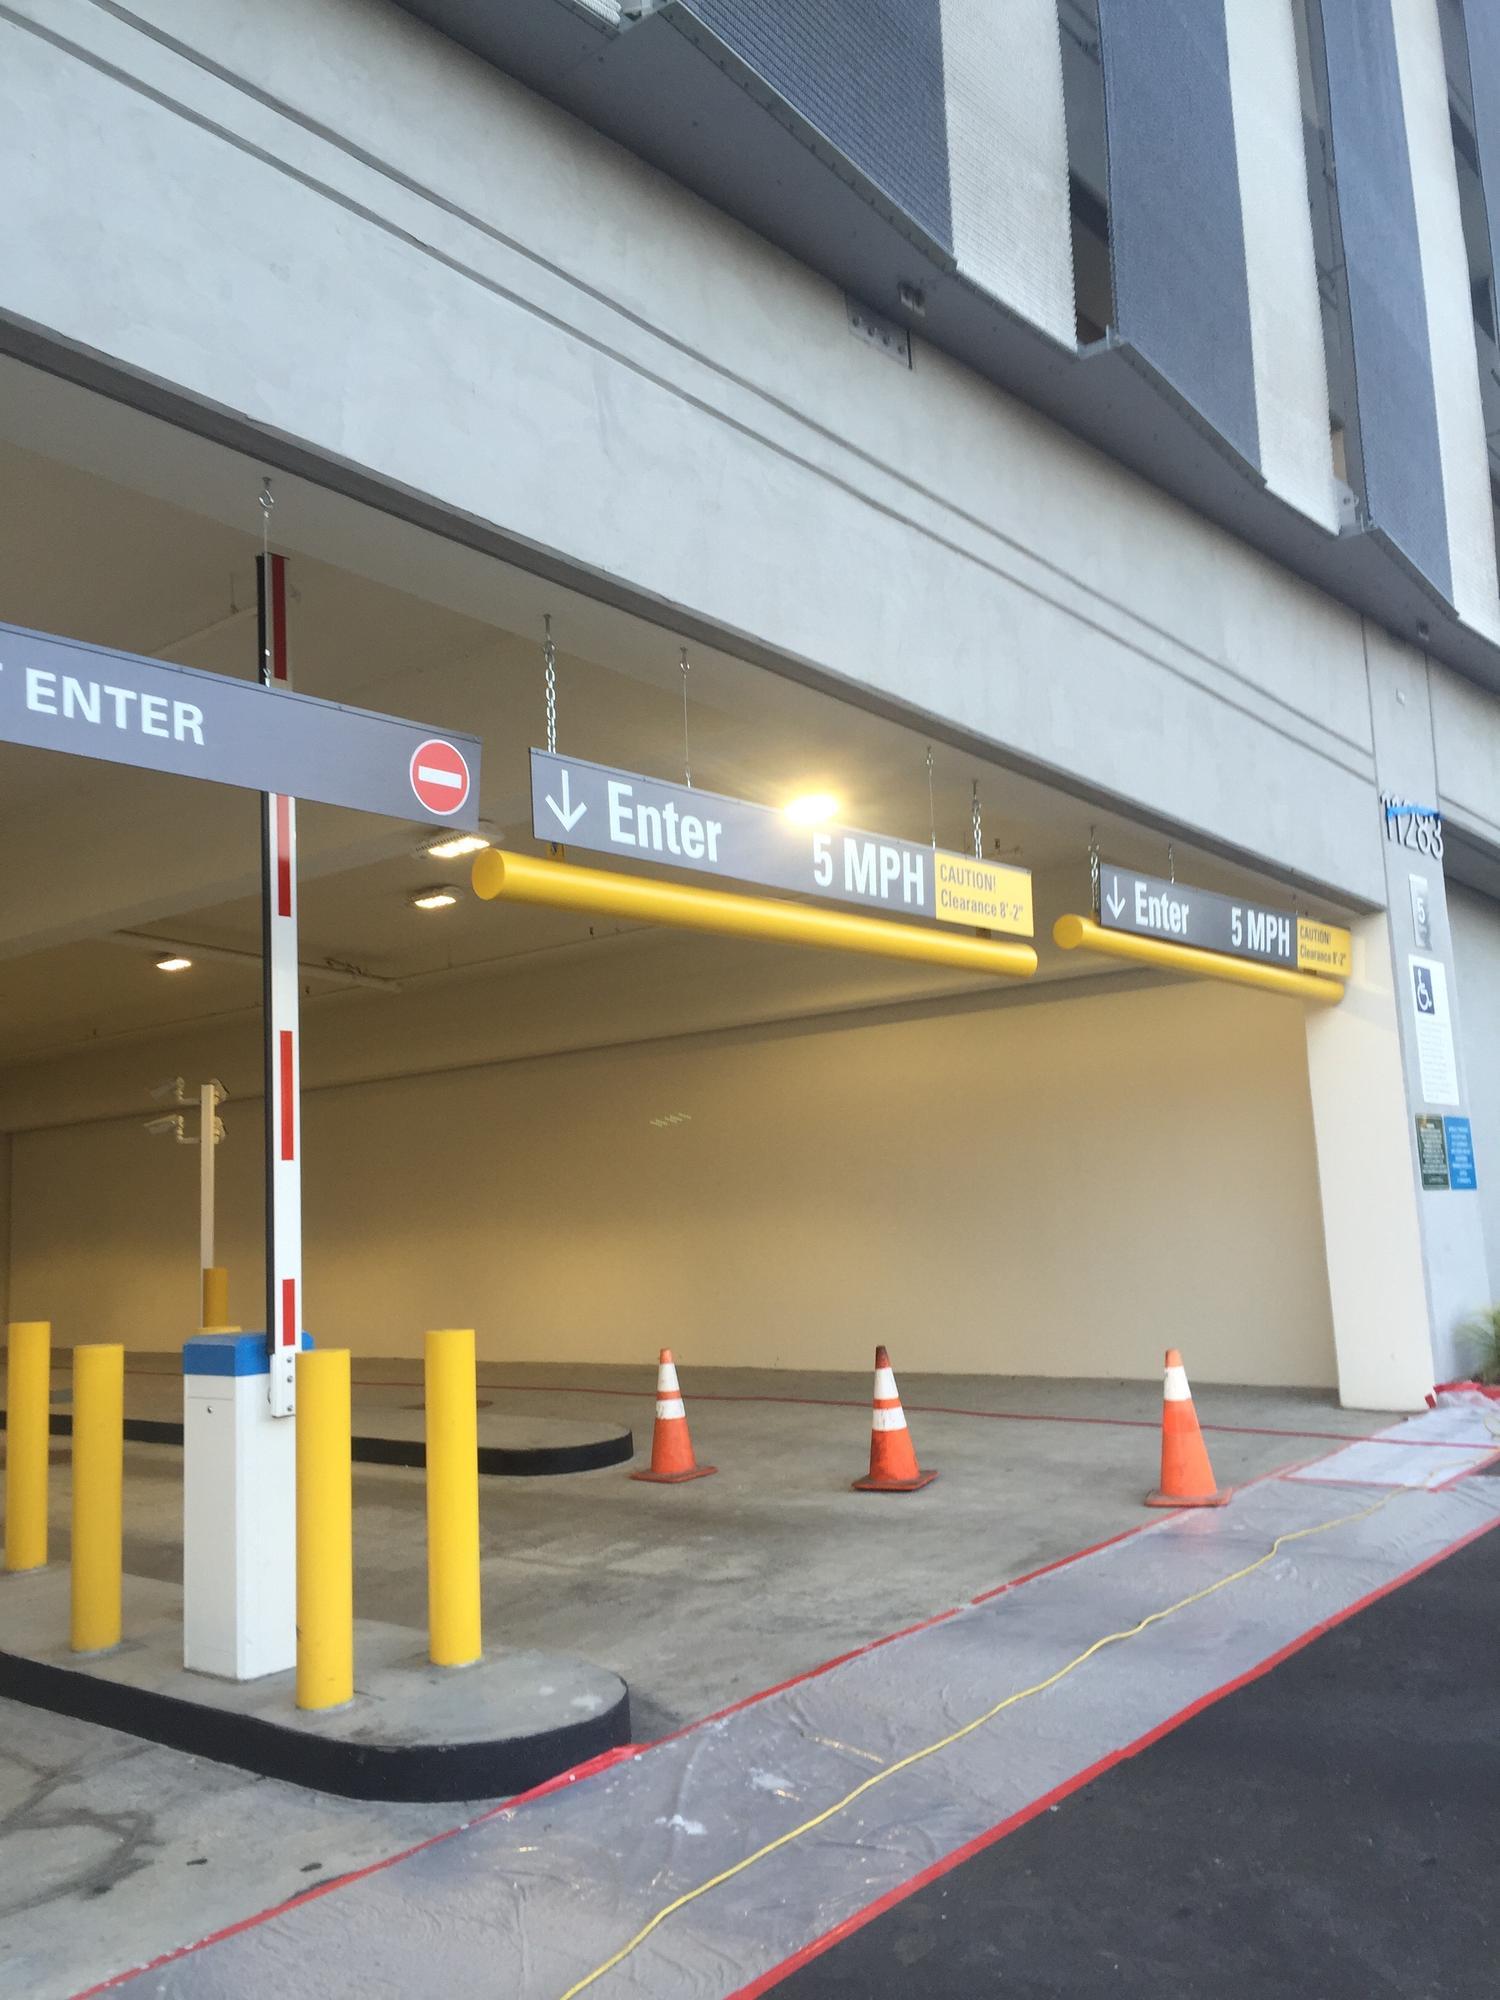 P3 - Loma Linda University Medical Center | PlugShare